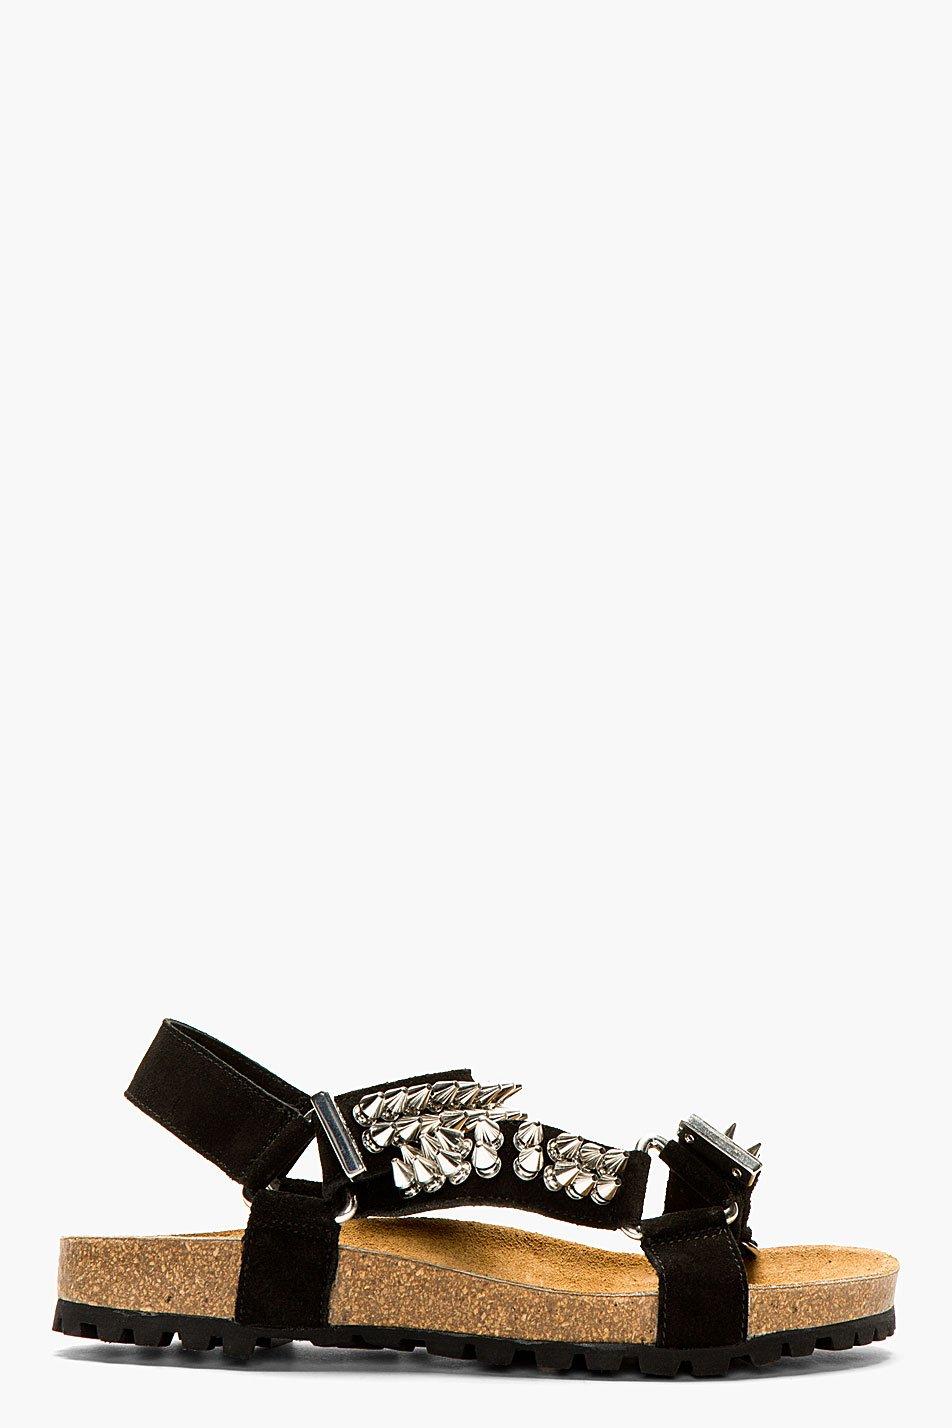 Dsquared2 black suede spike stud sandals